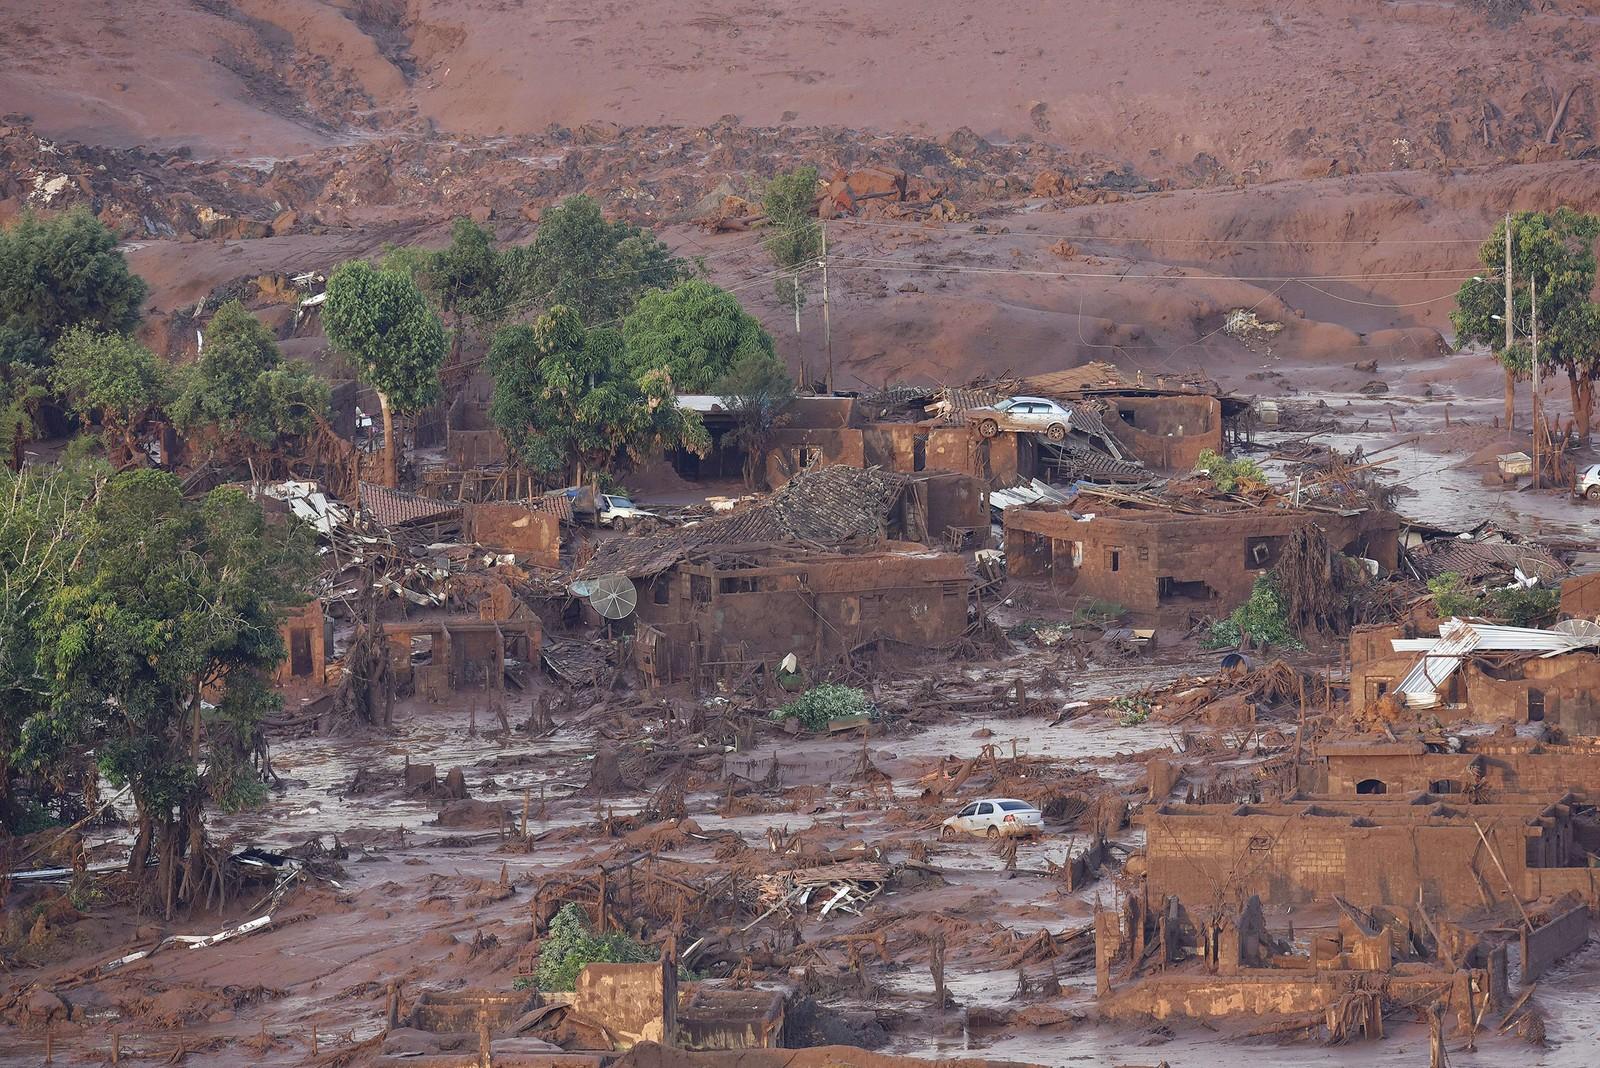 Landsbyen Bento Rodrigues i den brasilianske staten Minas Gerais vart dekka av gjørme etter gruvebristen. 11 menneske døydde, og fleire er sakna.